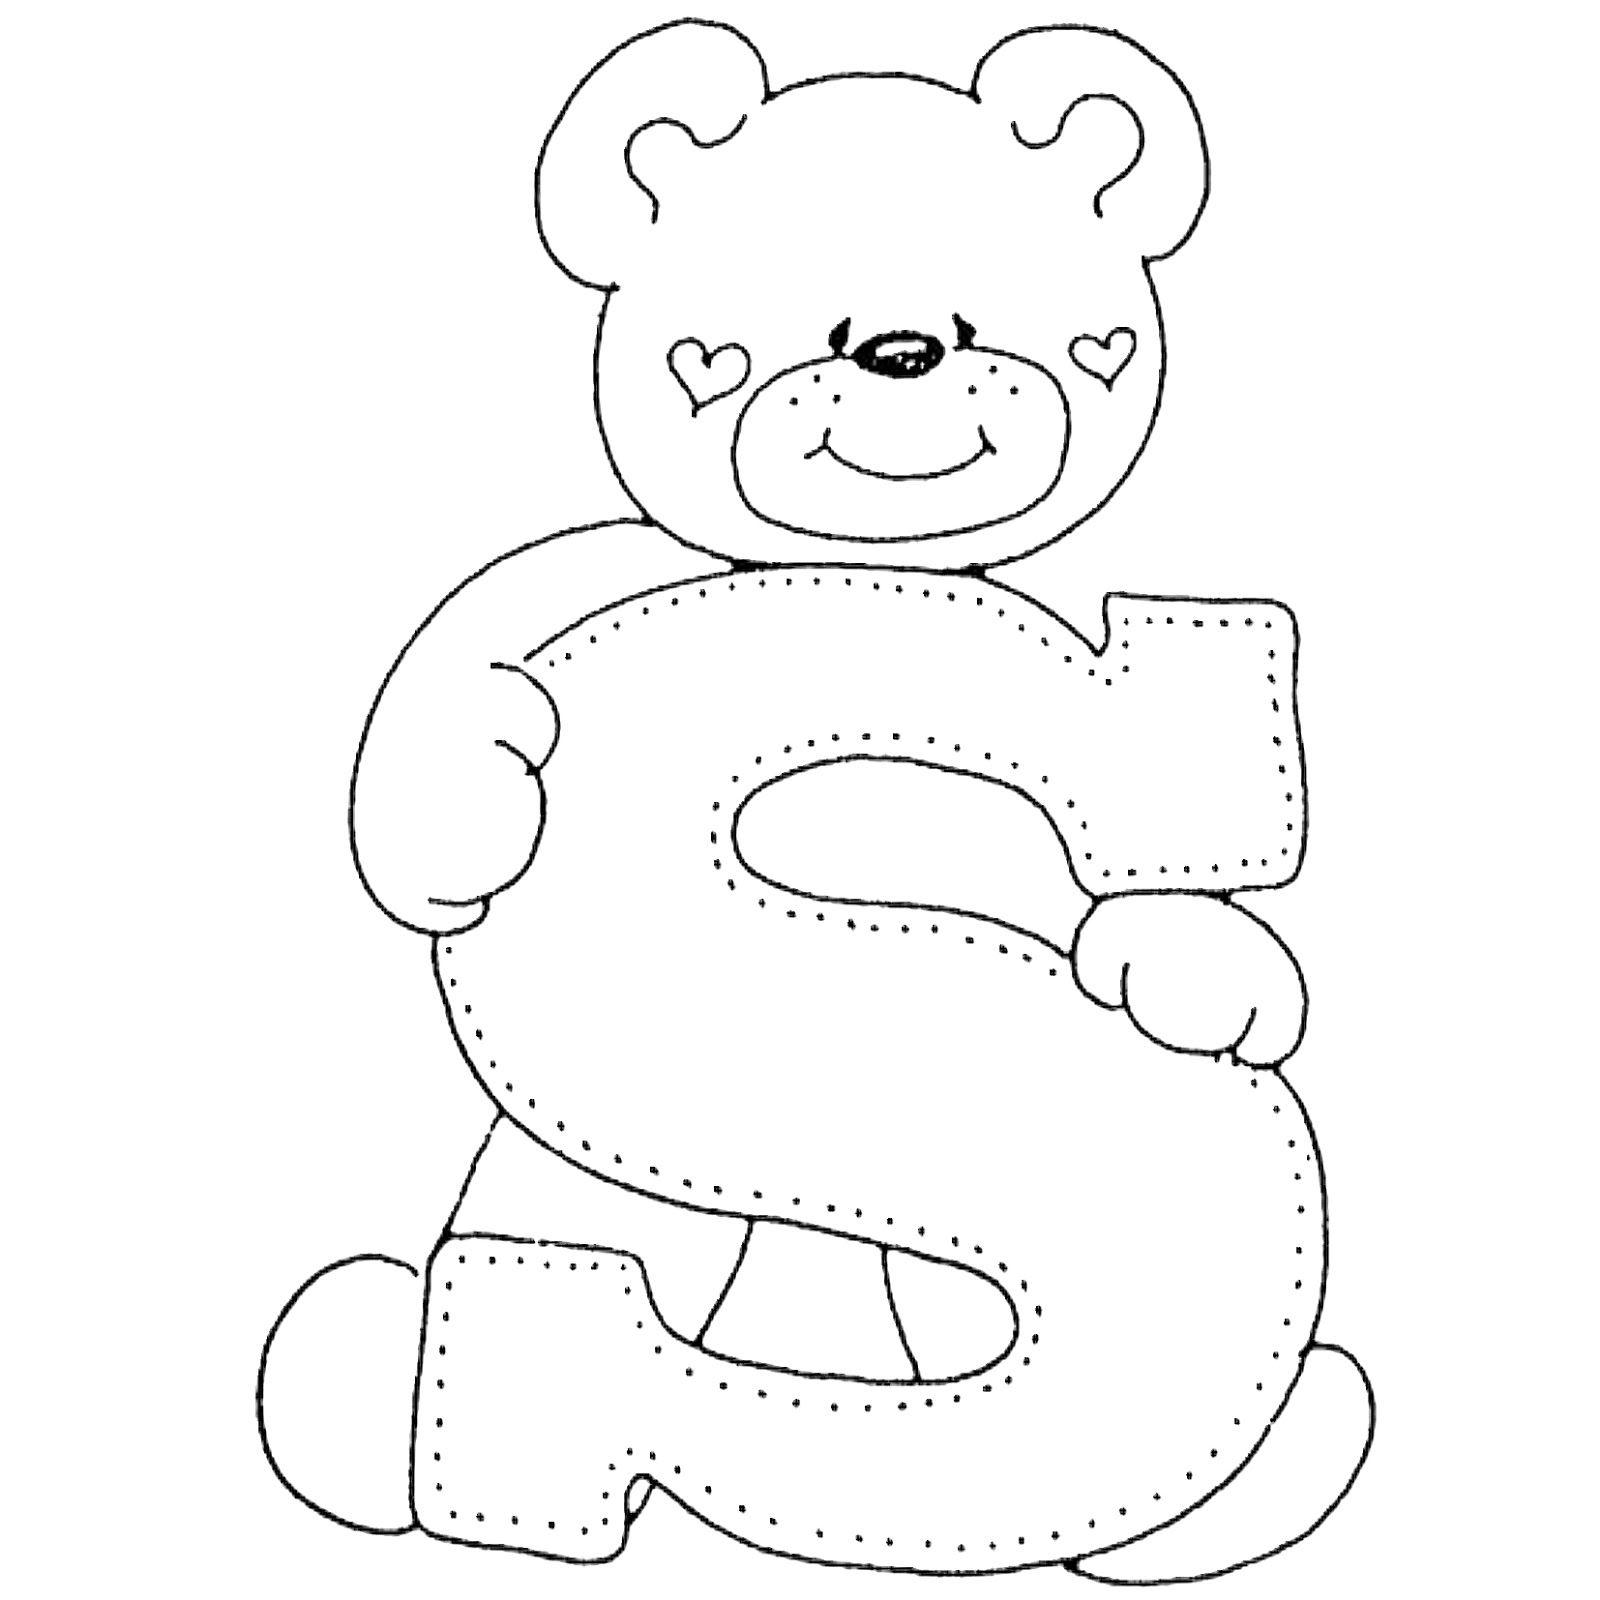 Pin von mammamija 66 auf litery - (alfabet) | Pinterest